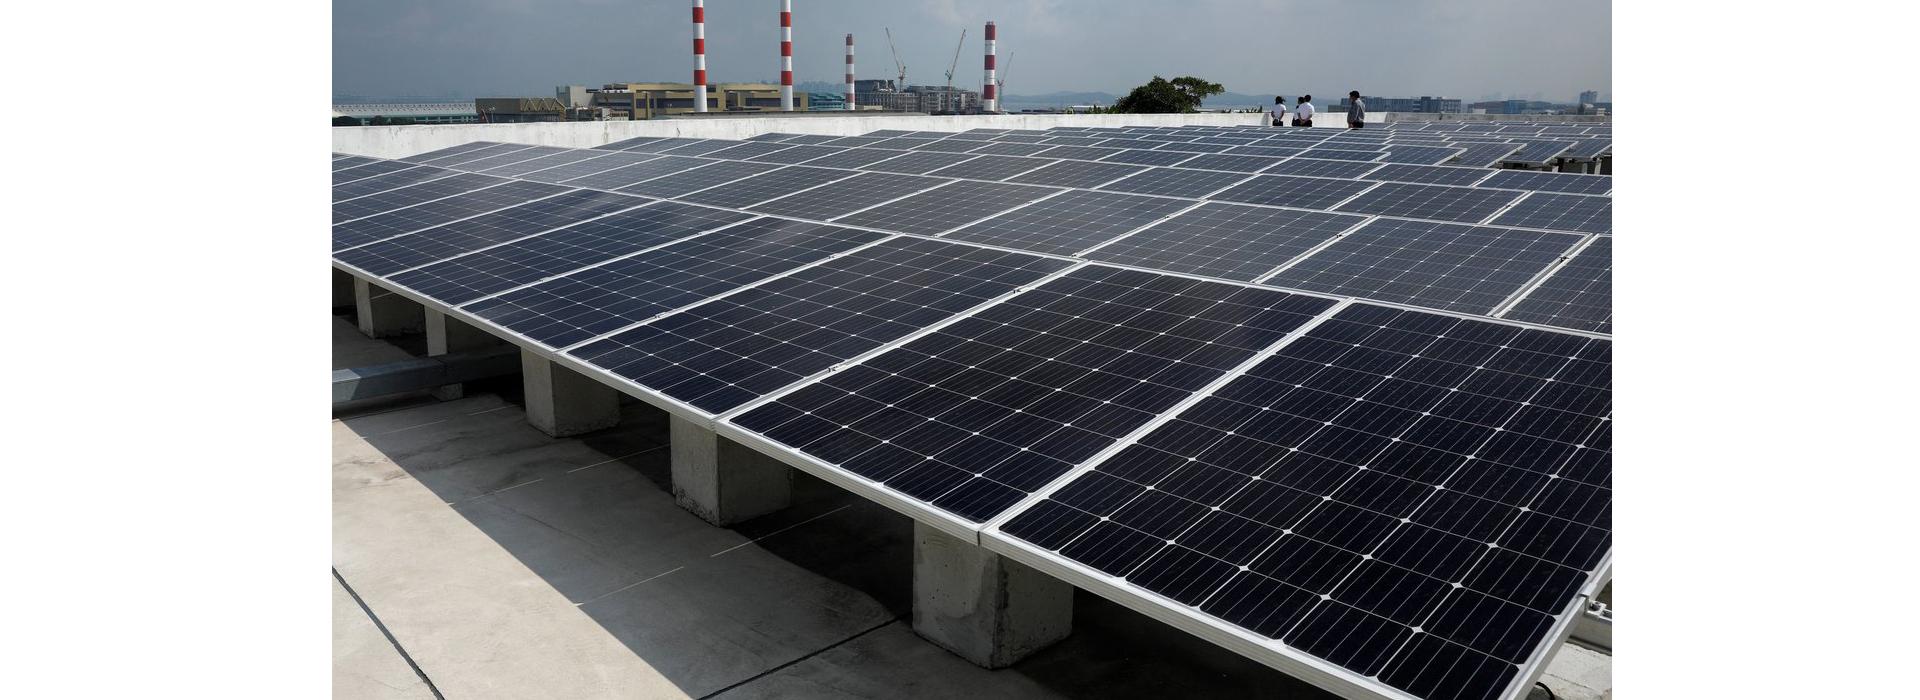 經濟部標準檢驗局再生能源憑證交易量突破千張